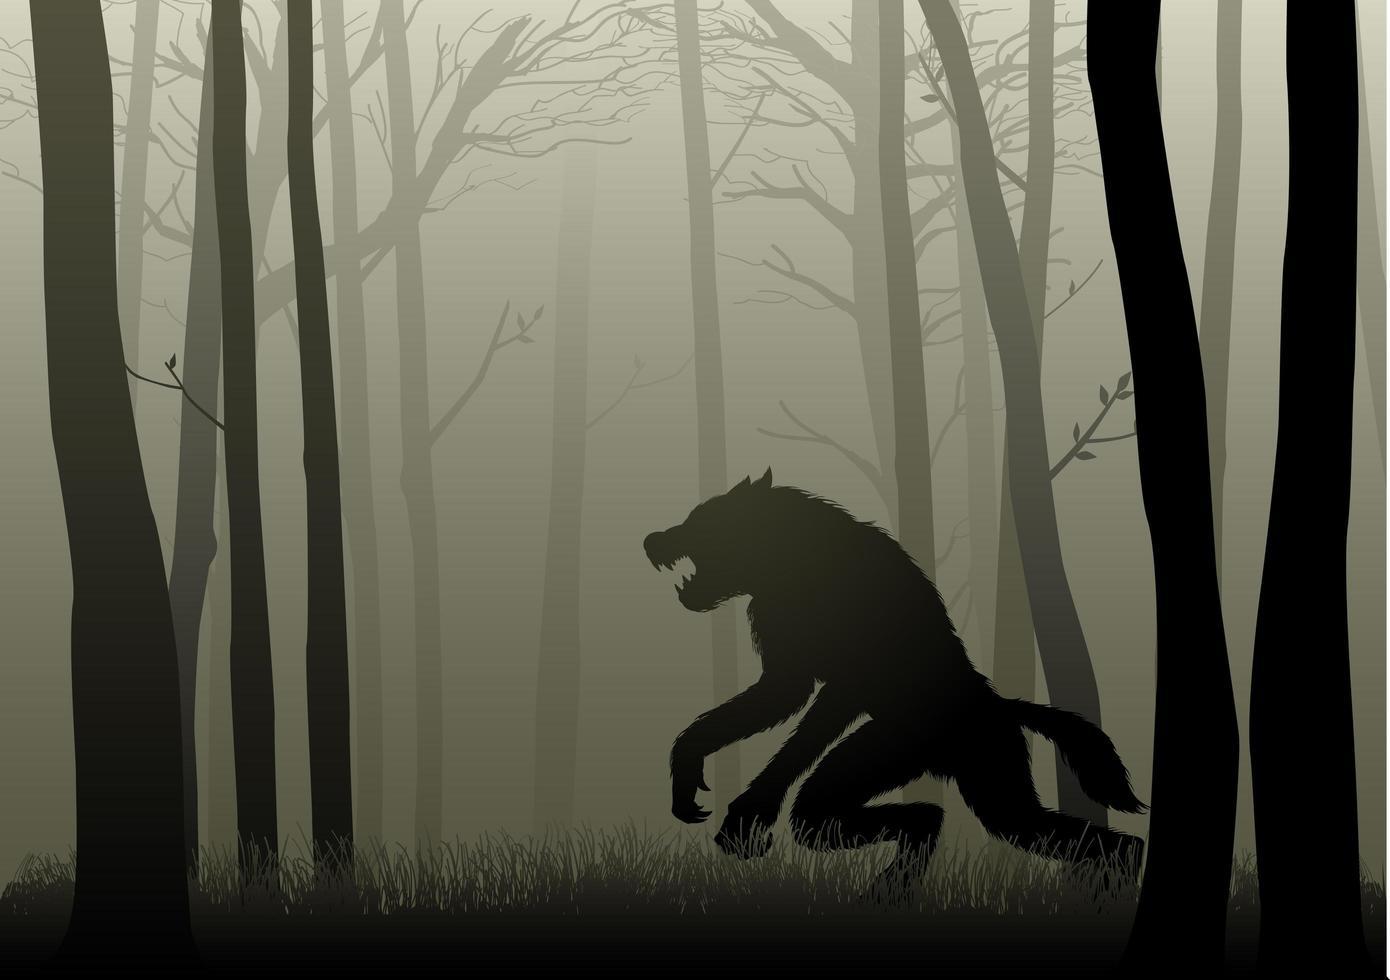 loup-garou dans les bois sombres vecteur